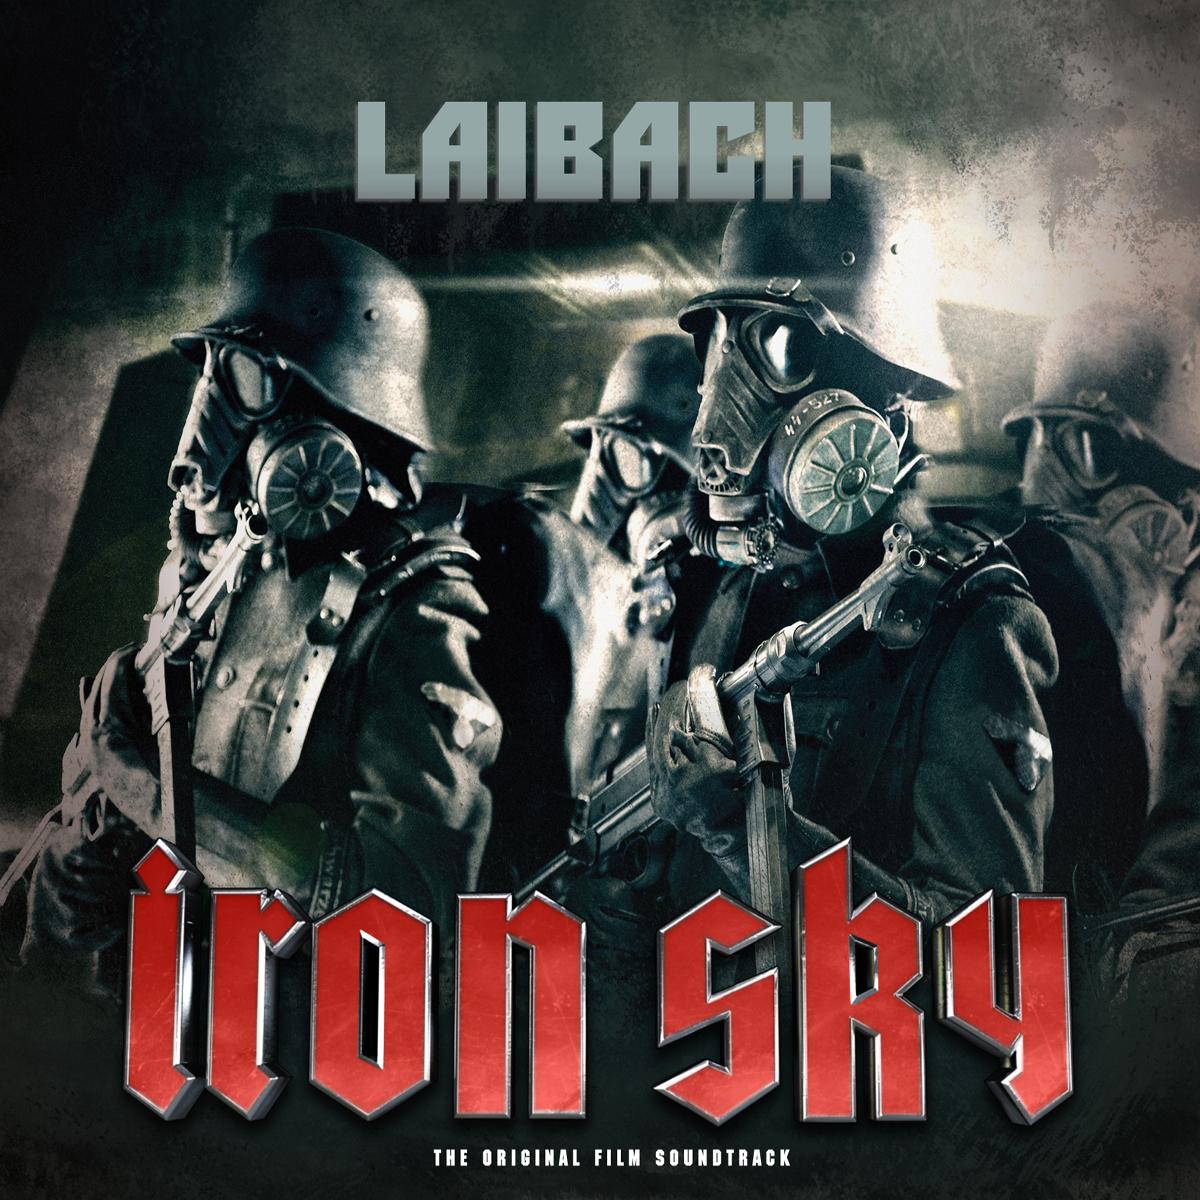 Laibach liefern den Soundtrack zu IRON SKY